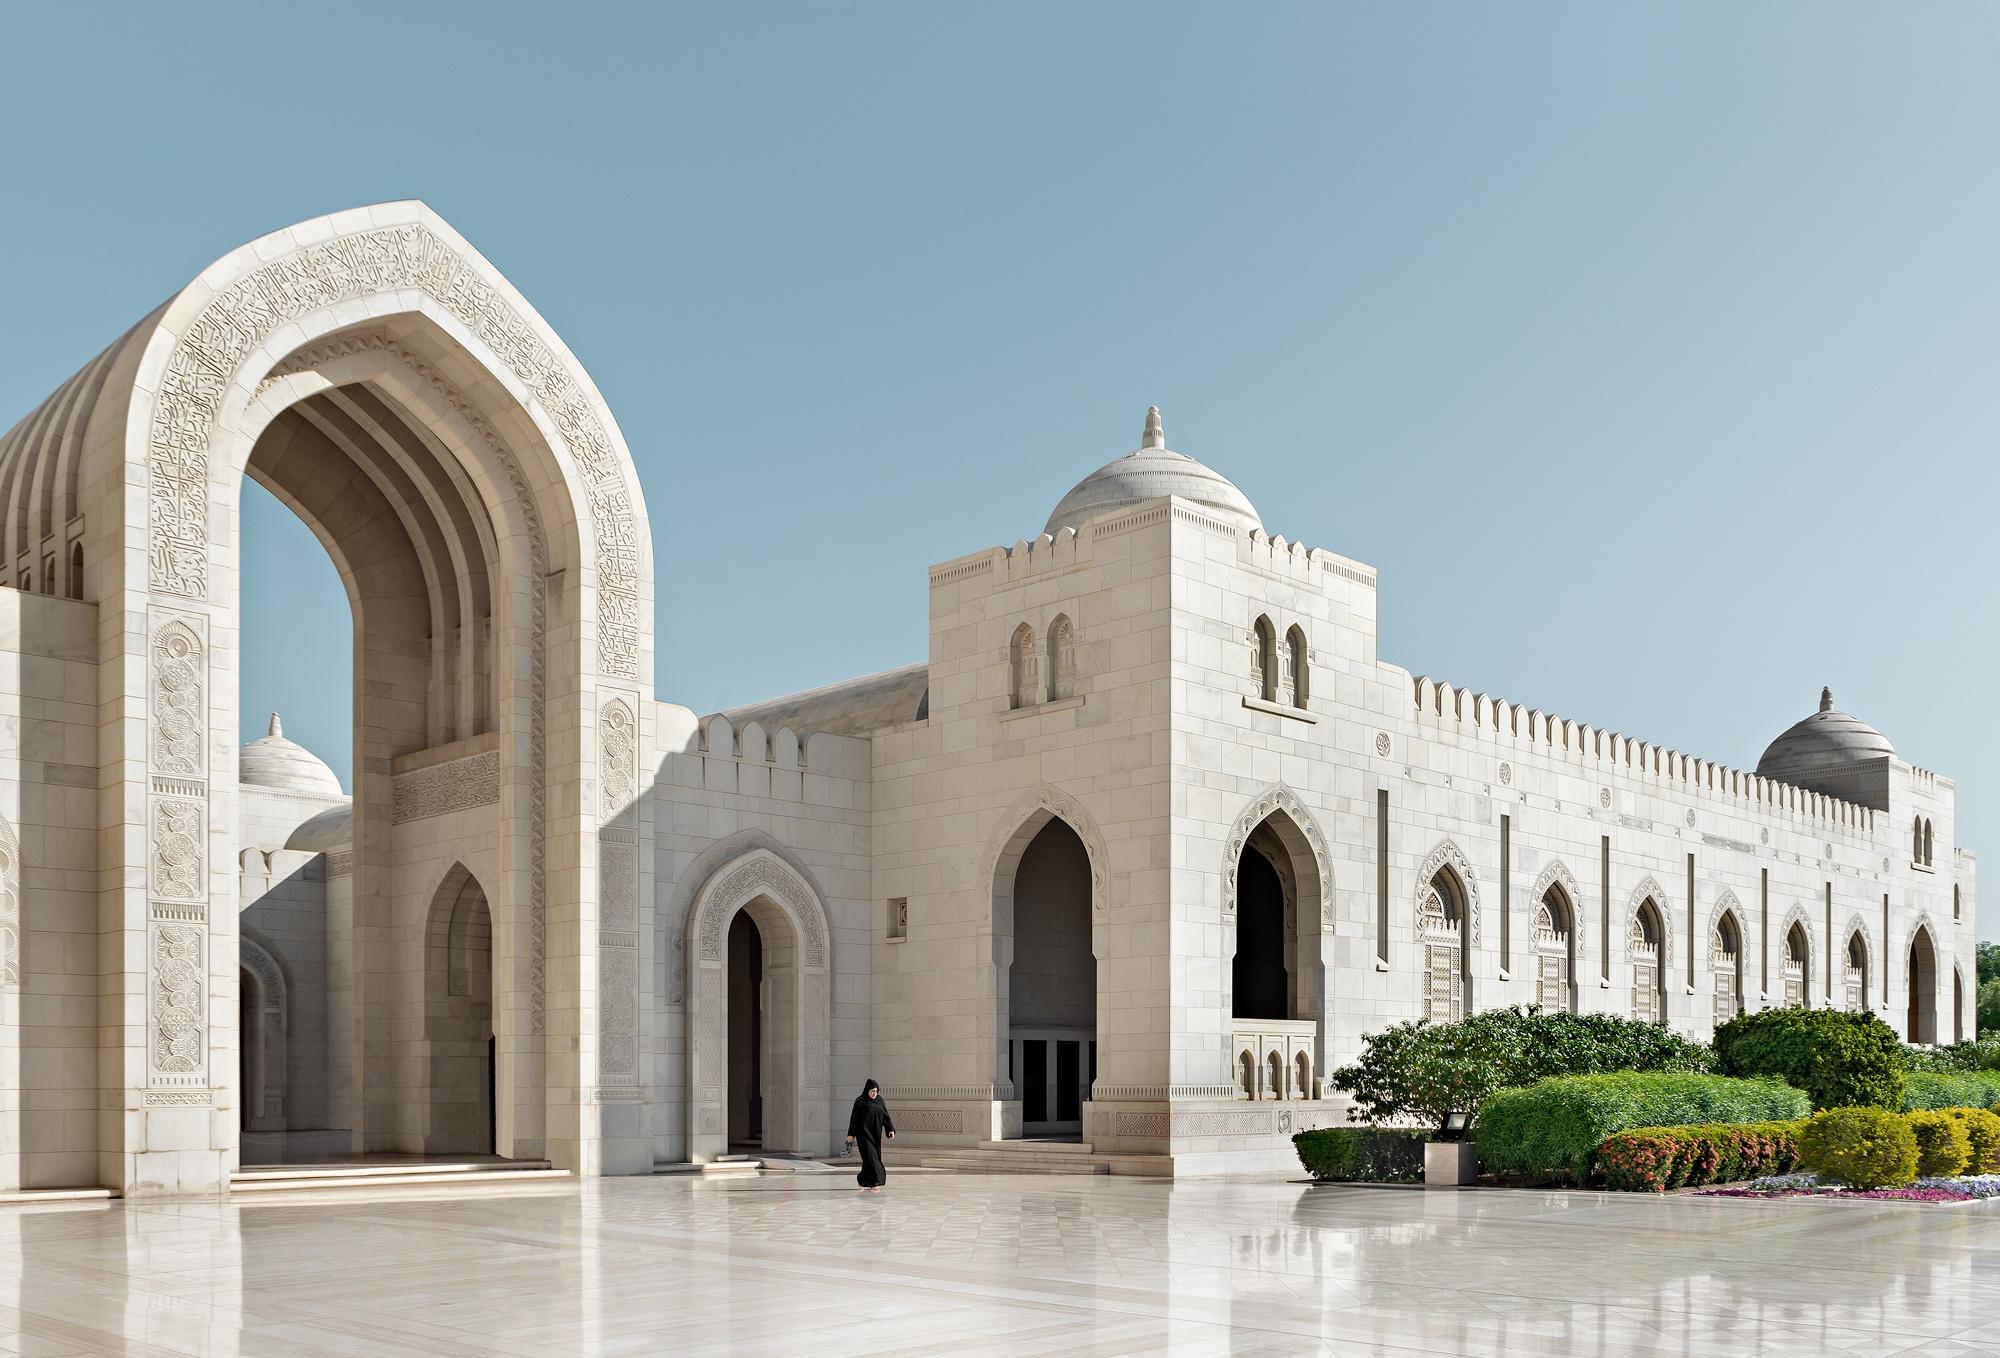 Dani Vottero, fotógrafo de arquitectura | Mezquita Sultán Qaboos, Oman - Dani Vottero, architectural photographer | Sultan Qaboos Grand Mosque, Oman - Architecture Photography | Dani Vottero